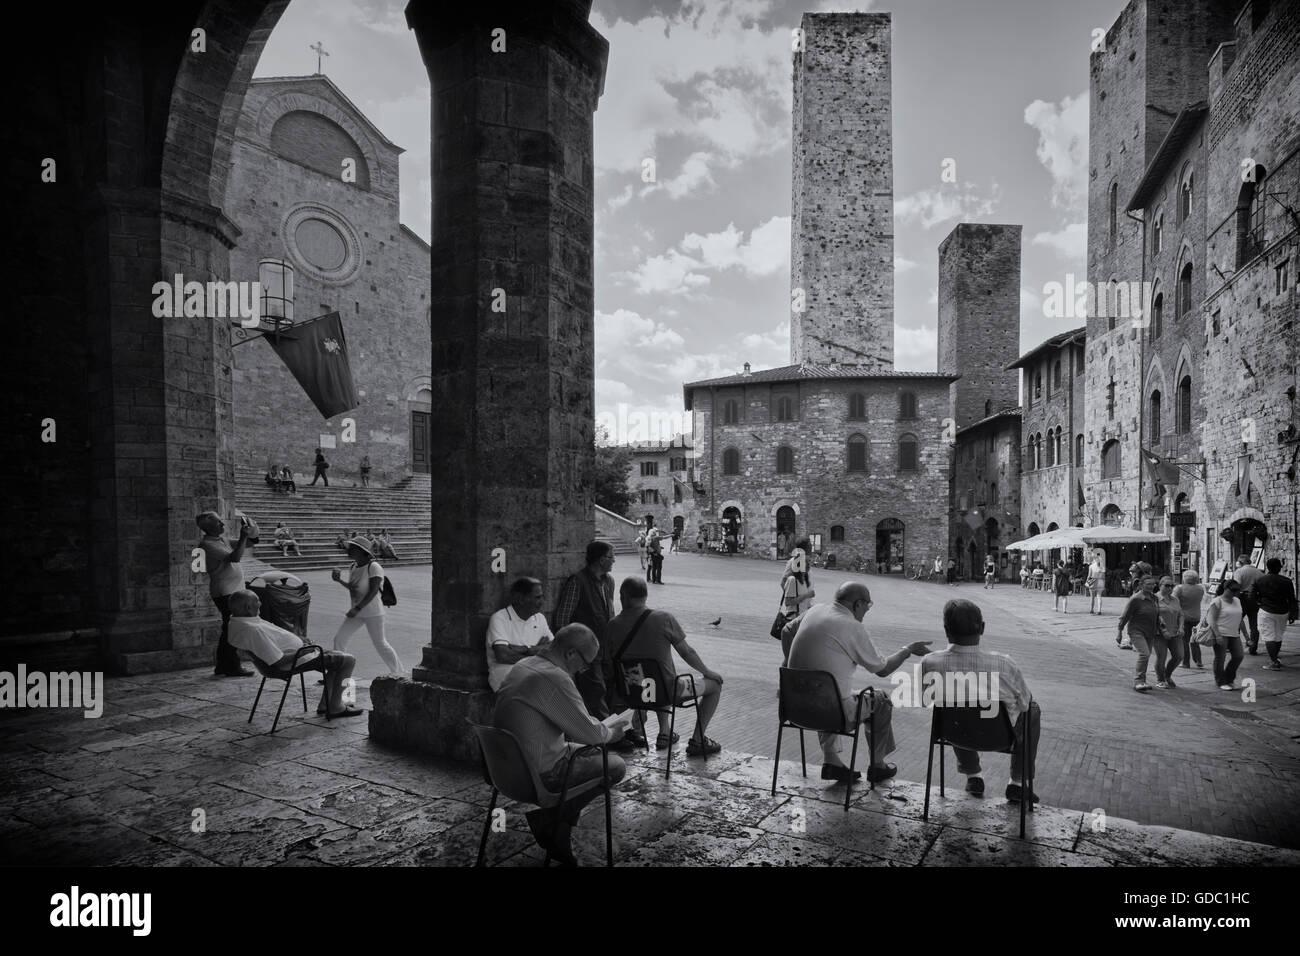 San Gimignano, Provinz Siena, Toskana, Italien.  Einheimischen entspannend auf der Piazza del Duomo. Stockbild